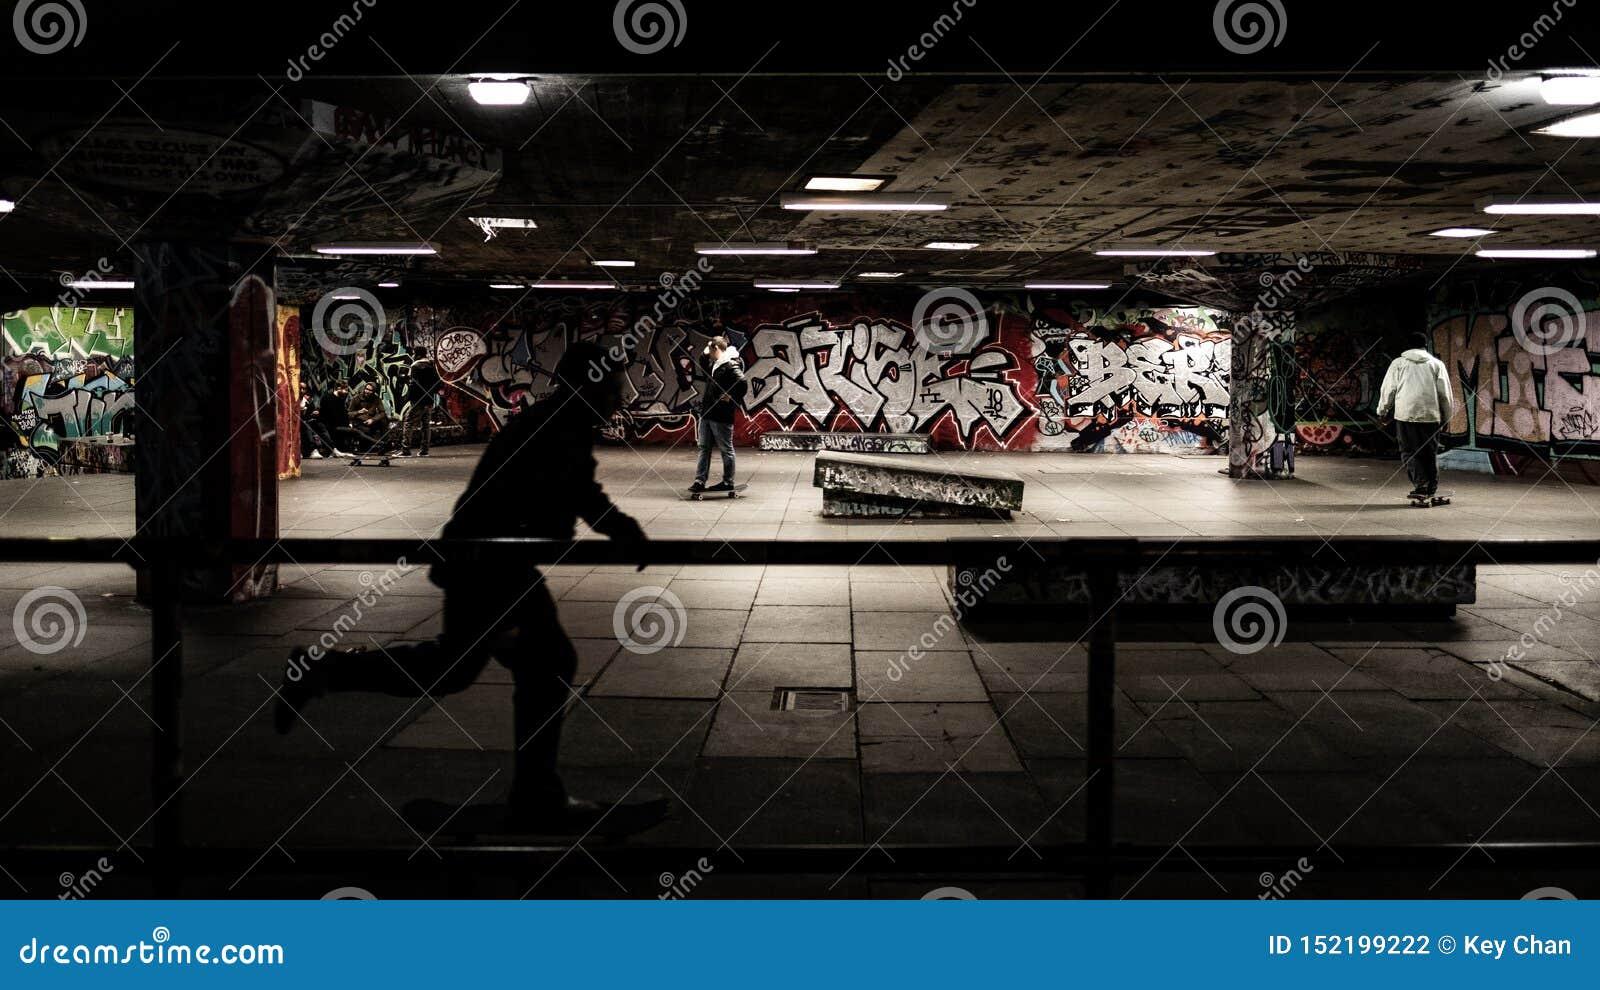 踩滑板在skatepark,黑阴影